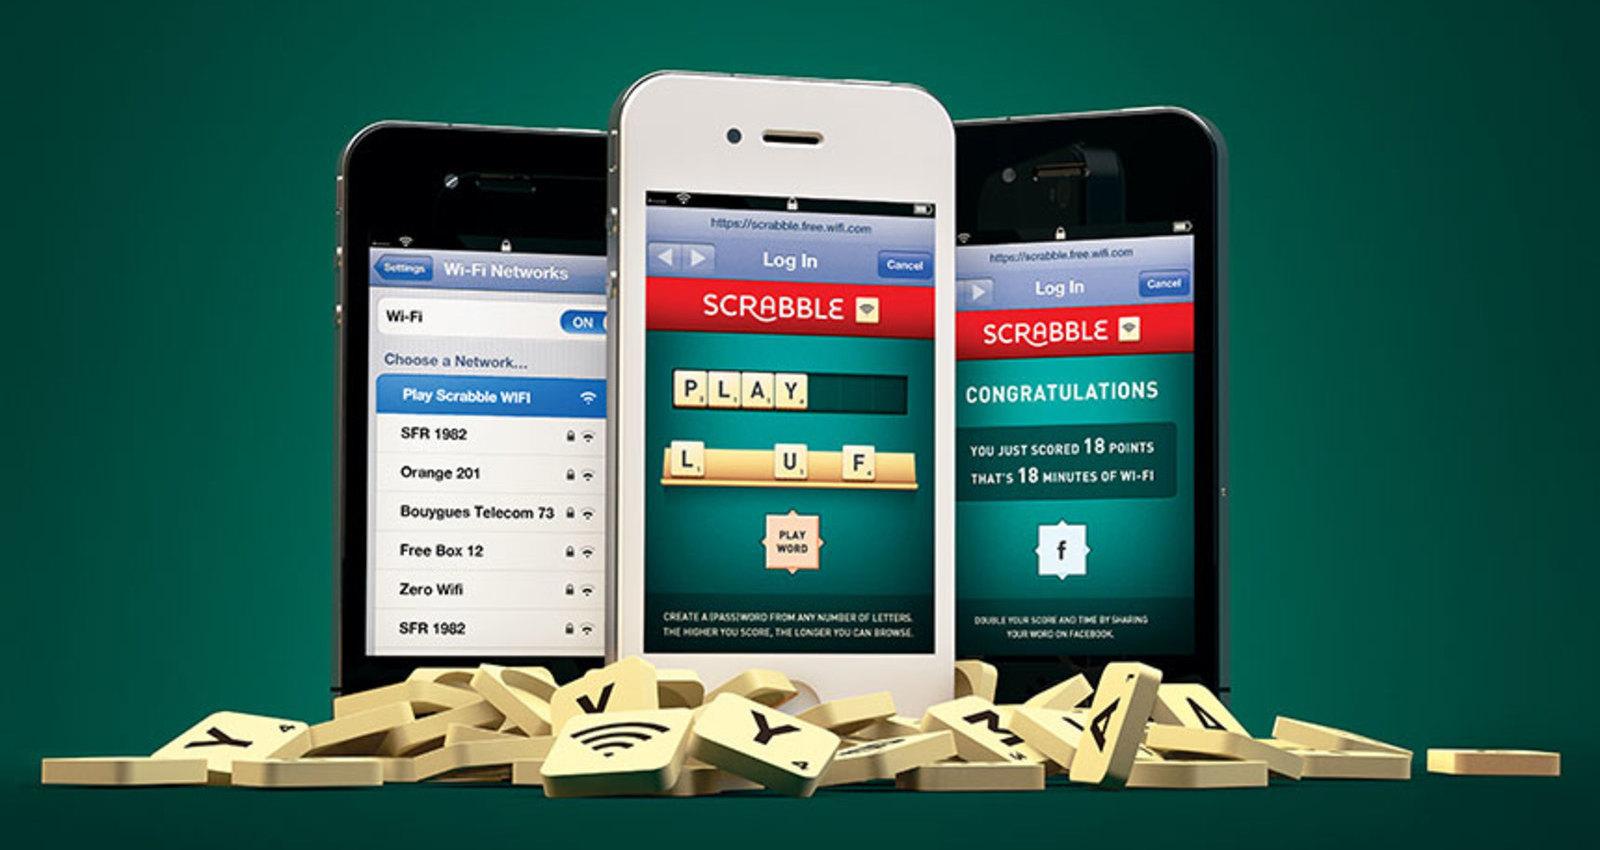 Scrabble WiFi